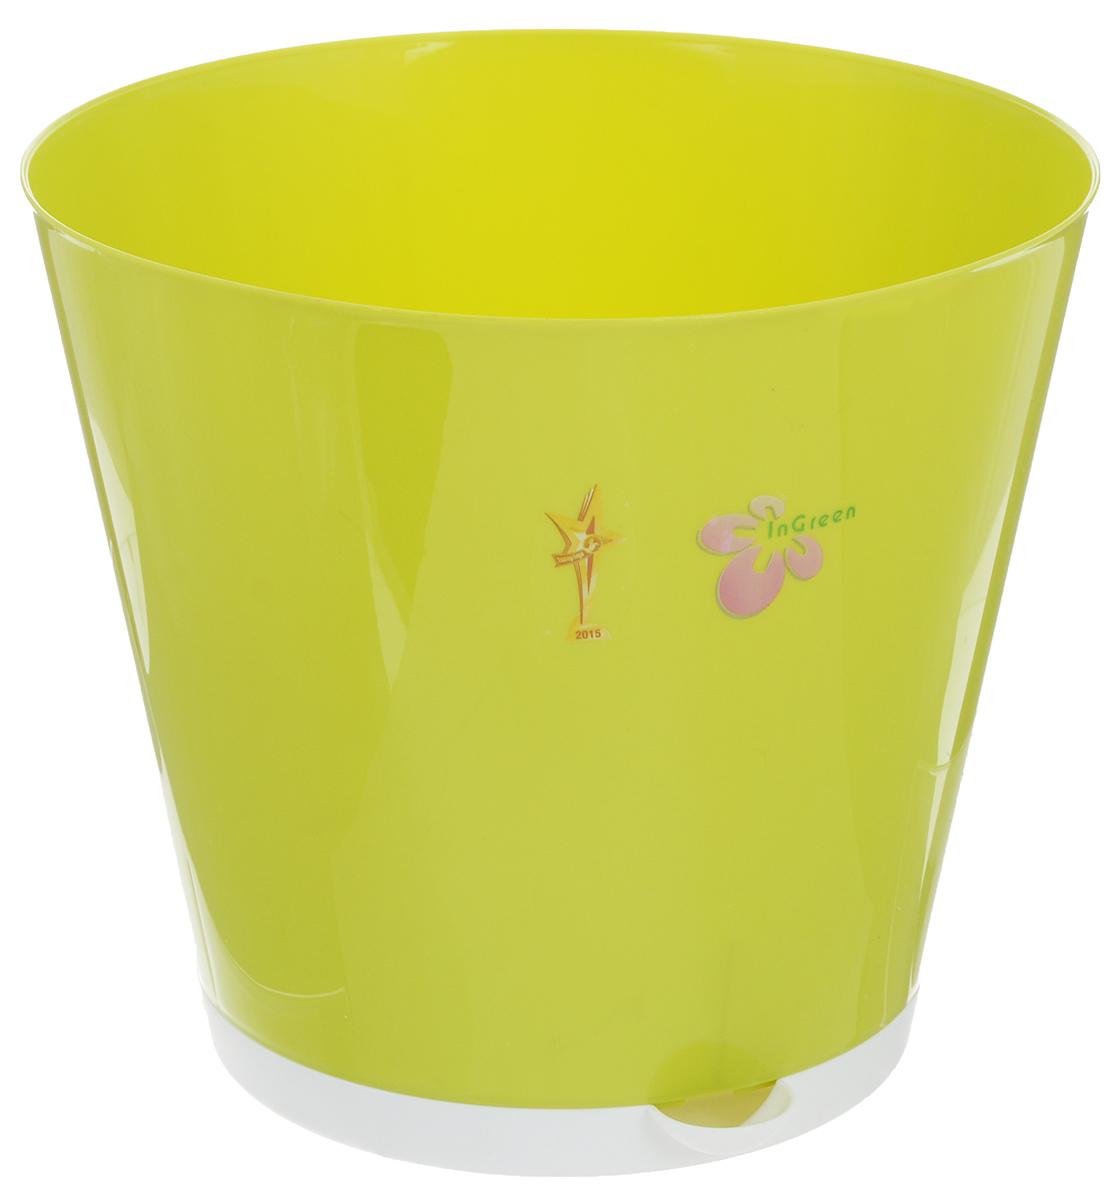 Горшок для цветов InGreen Крит, с системой прикорневого полива, цвет: салатовый, белый, диаметр 25,4 смZ-0307Горшок InGreen Крит, выполненный из высококачественного пластика, предназначен для выращивания комнатных цветов, растений и трав. Специальная конструкция обеспечивает вентиляцию в корневой системе растения, а дренажные отверстия позволяют выходить лишней влаге из почвы. Крепежные отверстия и штыри прочно крепят подставку к горшку. Прикорневой полив растения осуществляется через удобный носик. Система прикорневого полива позволяет оставлять комнатное растение без внимания тем, кто часто находится в командировках или собирается в отпуск и не имеет возможности вовремя поливать цветы.Такой горшок порадует вас современным дизайном и функциональностью, а также оригинально украсит интерьер любого помещения. Объем: 7 л.Диаметр горшка (по верхнему краю): 25,4 см.Высота горшка: 22,6 см.